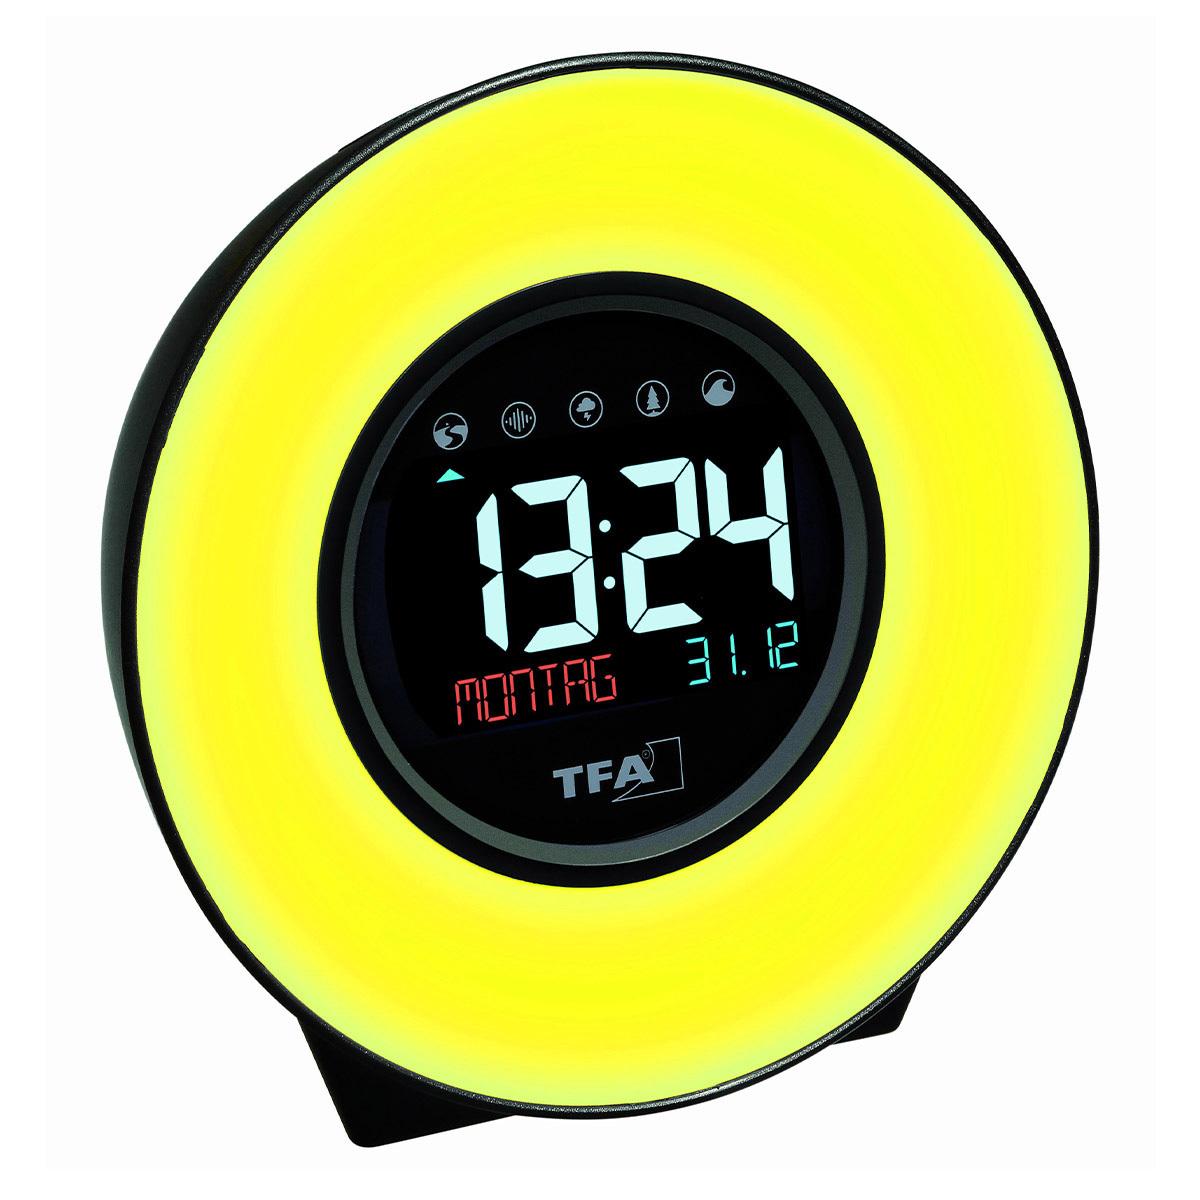 60-2023-02-lichtwecker-mit-naturgeräuschen-farbwechsel-stimmungslicht-mood-light-gelb-1200x1200px.jpg